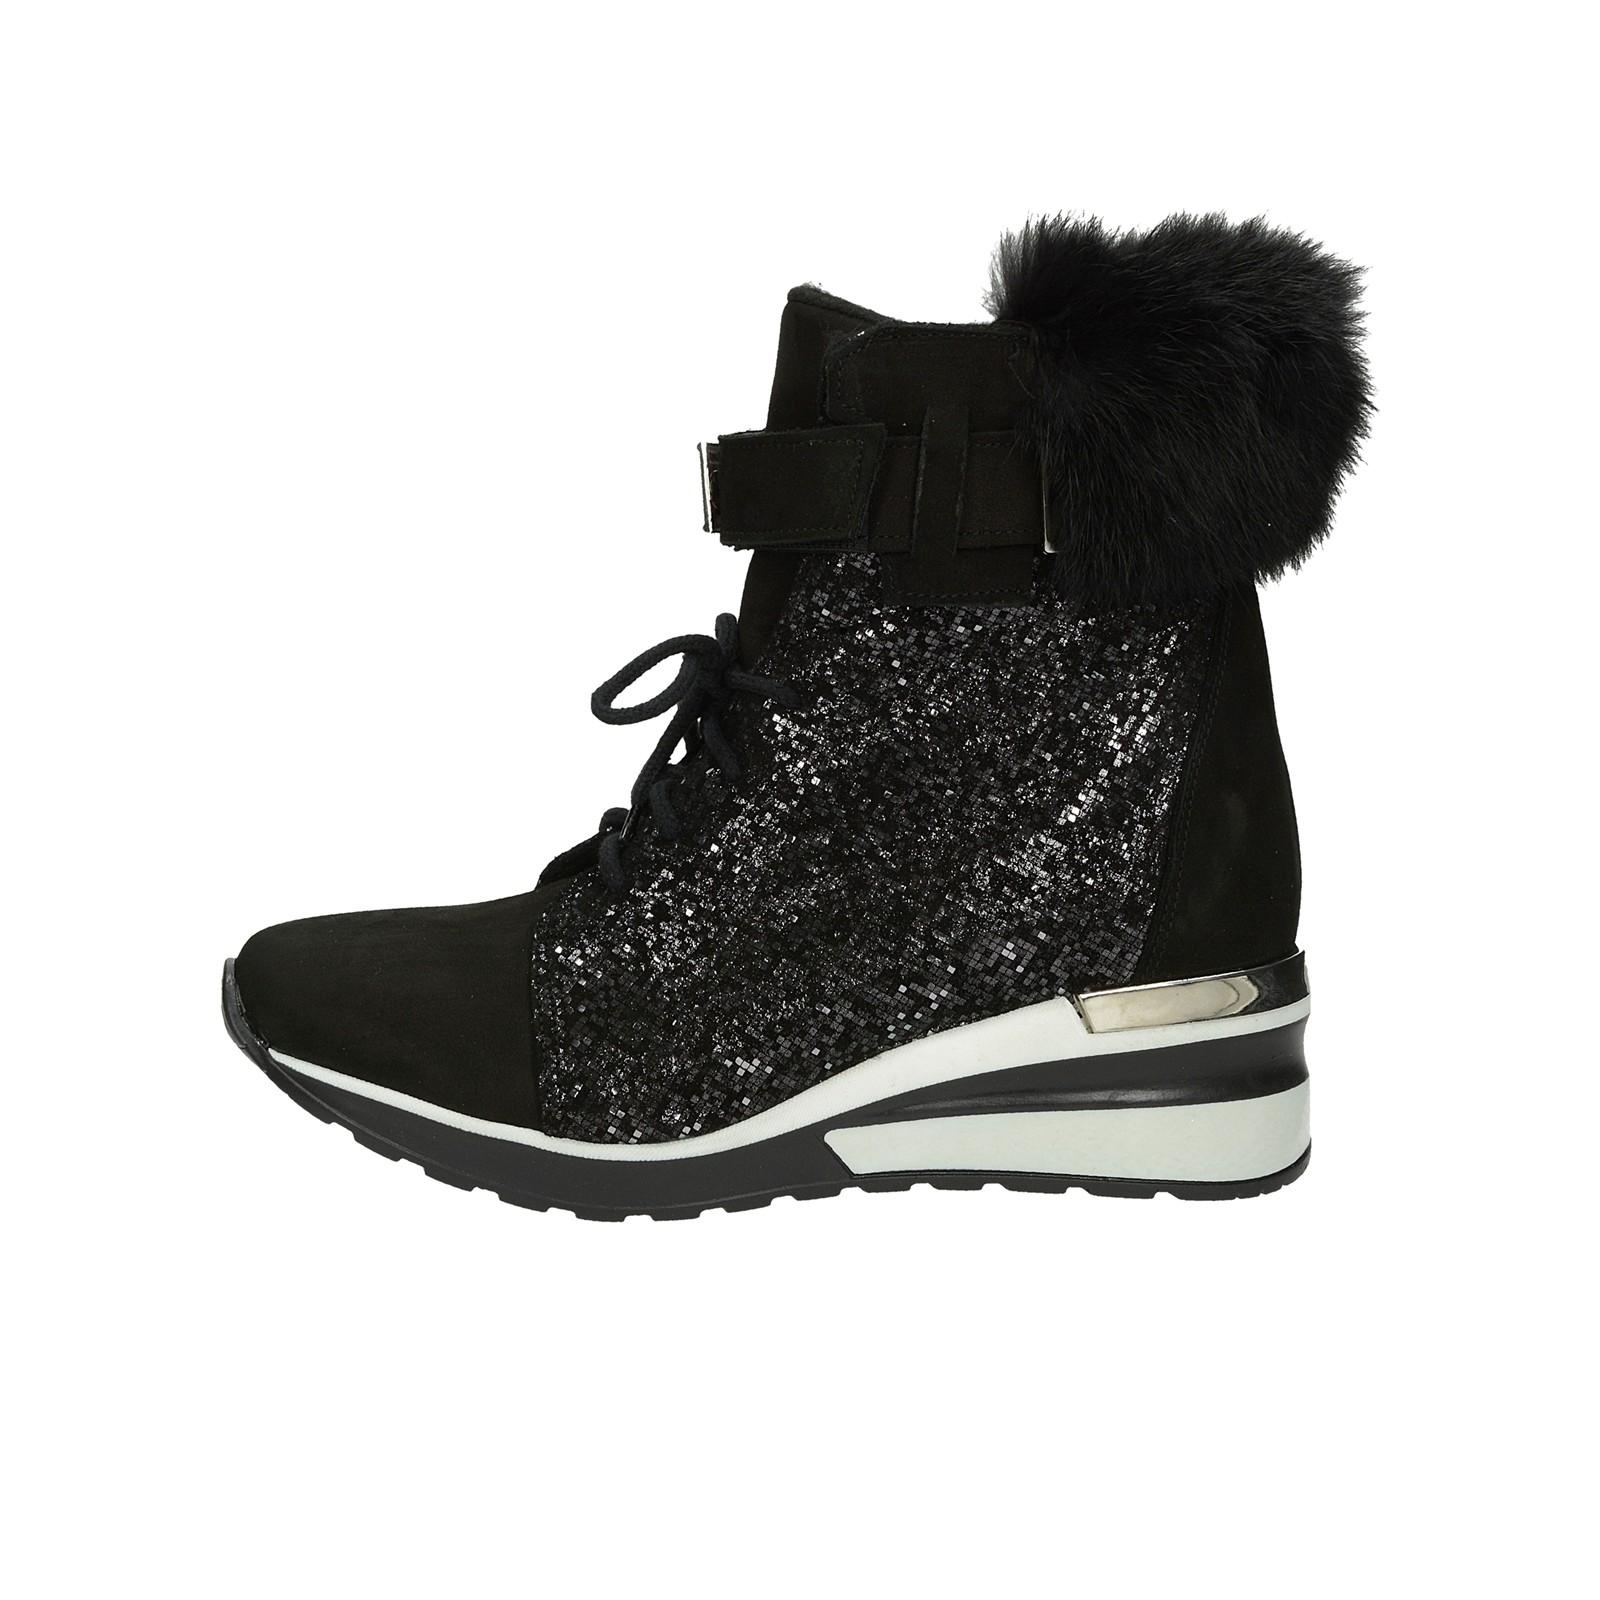 ... Olivia shoes dámské nubukové kotníkové boty na suchý zip - černé ... f5f63668cc